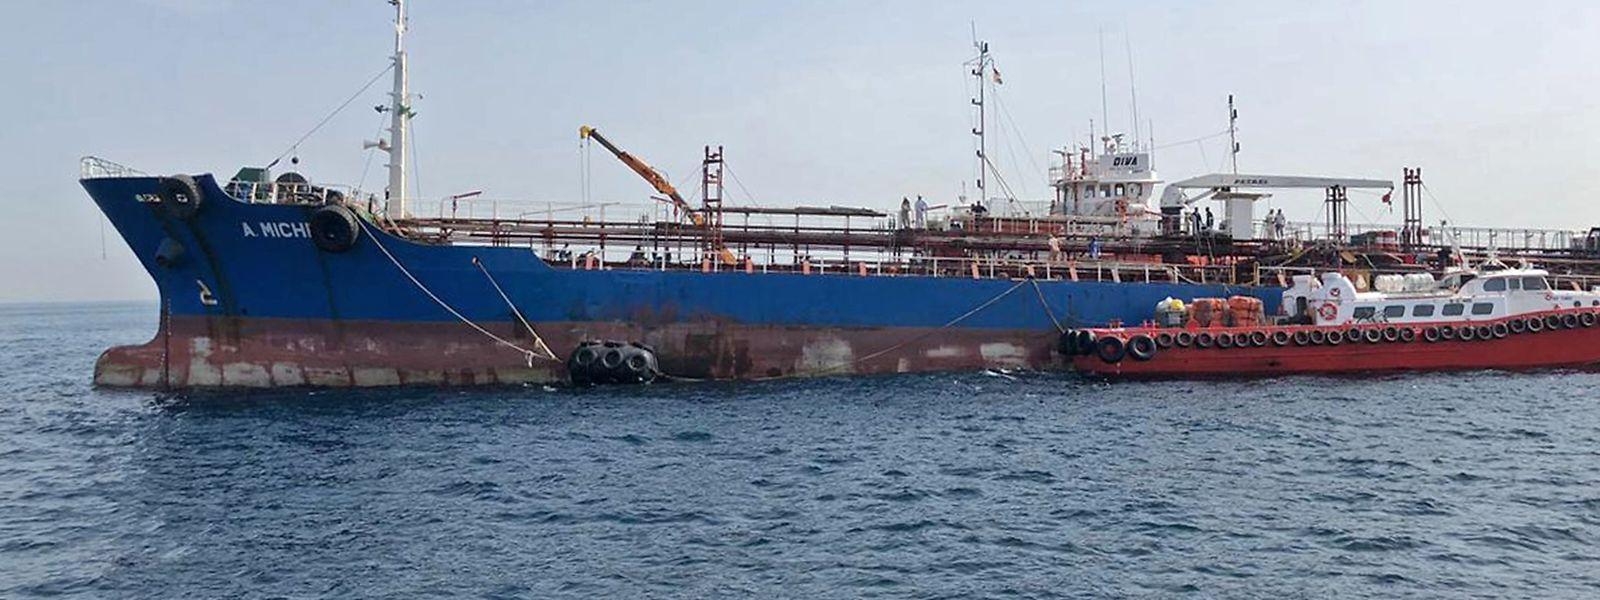 Der Tanker A. Michel ist eines von vier Schiffen, die bei Sabotageabgriffen beschädigt wurden.